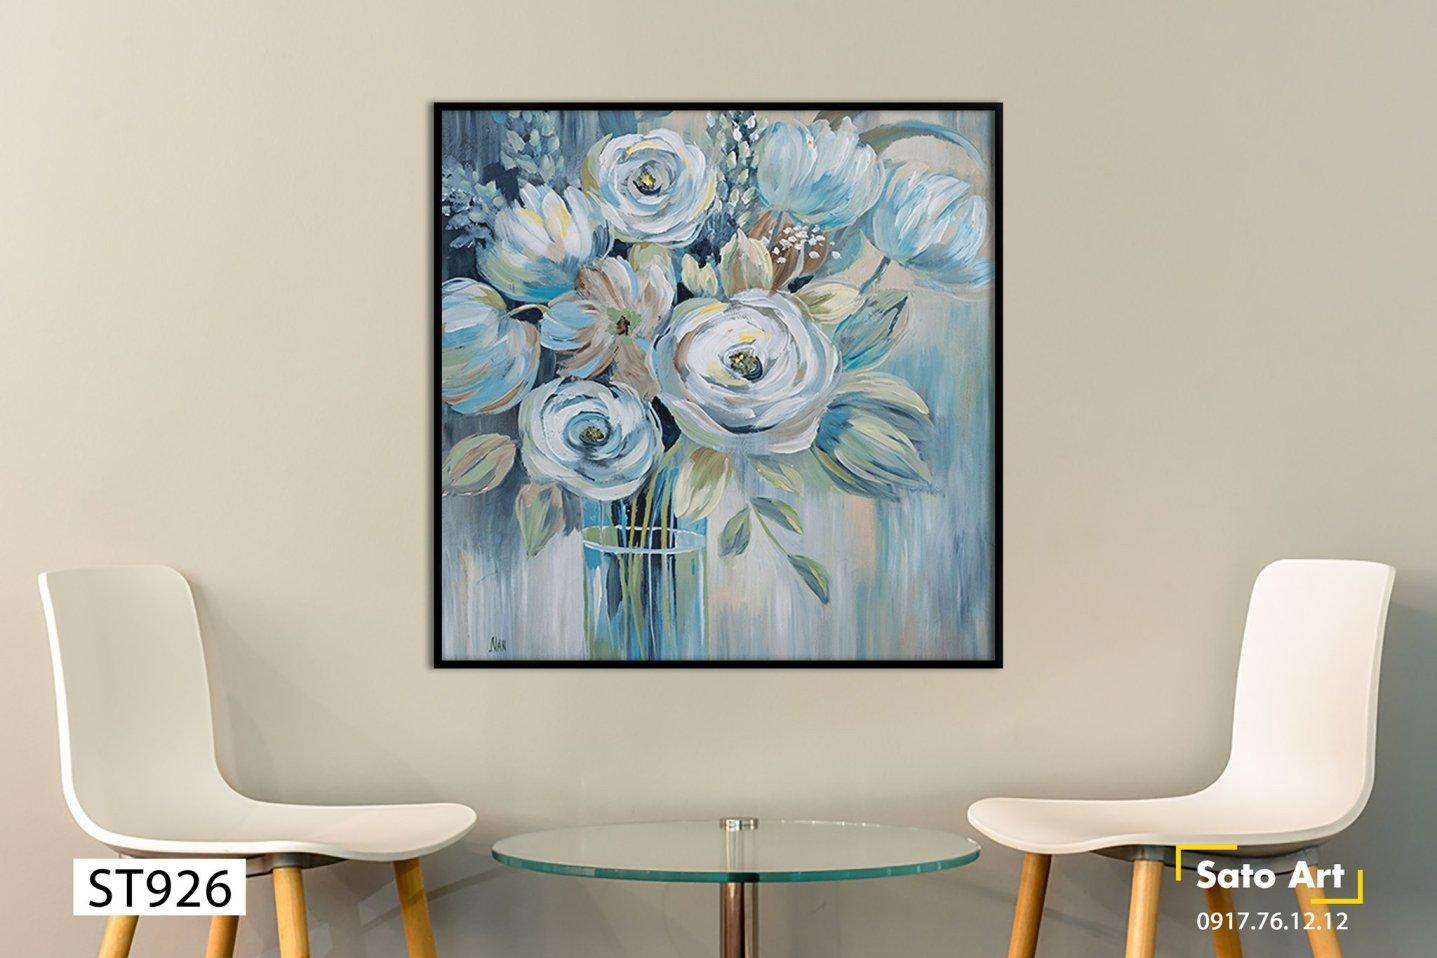 Tranh sơn dầu lọ hoa đẹp